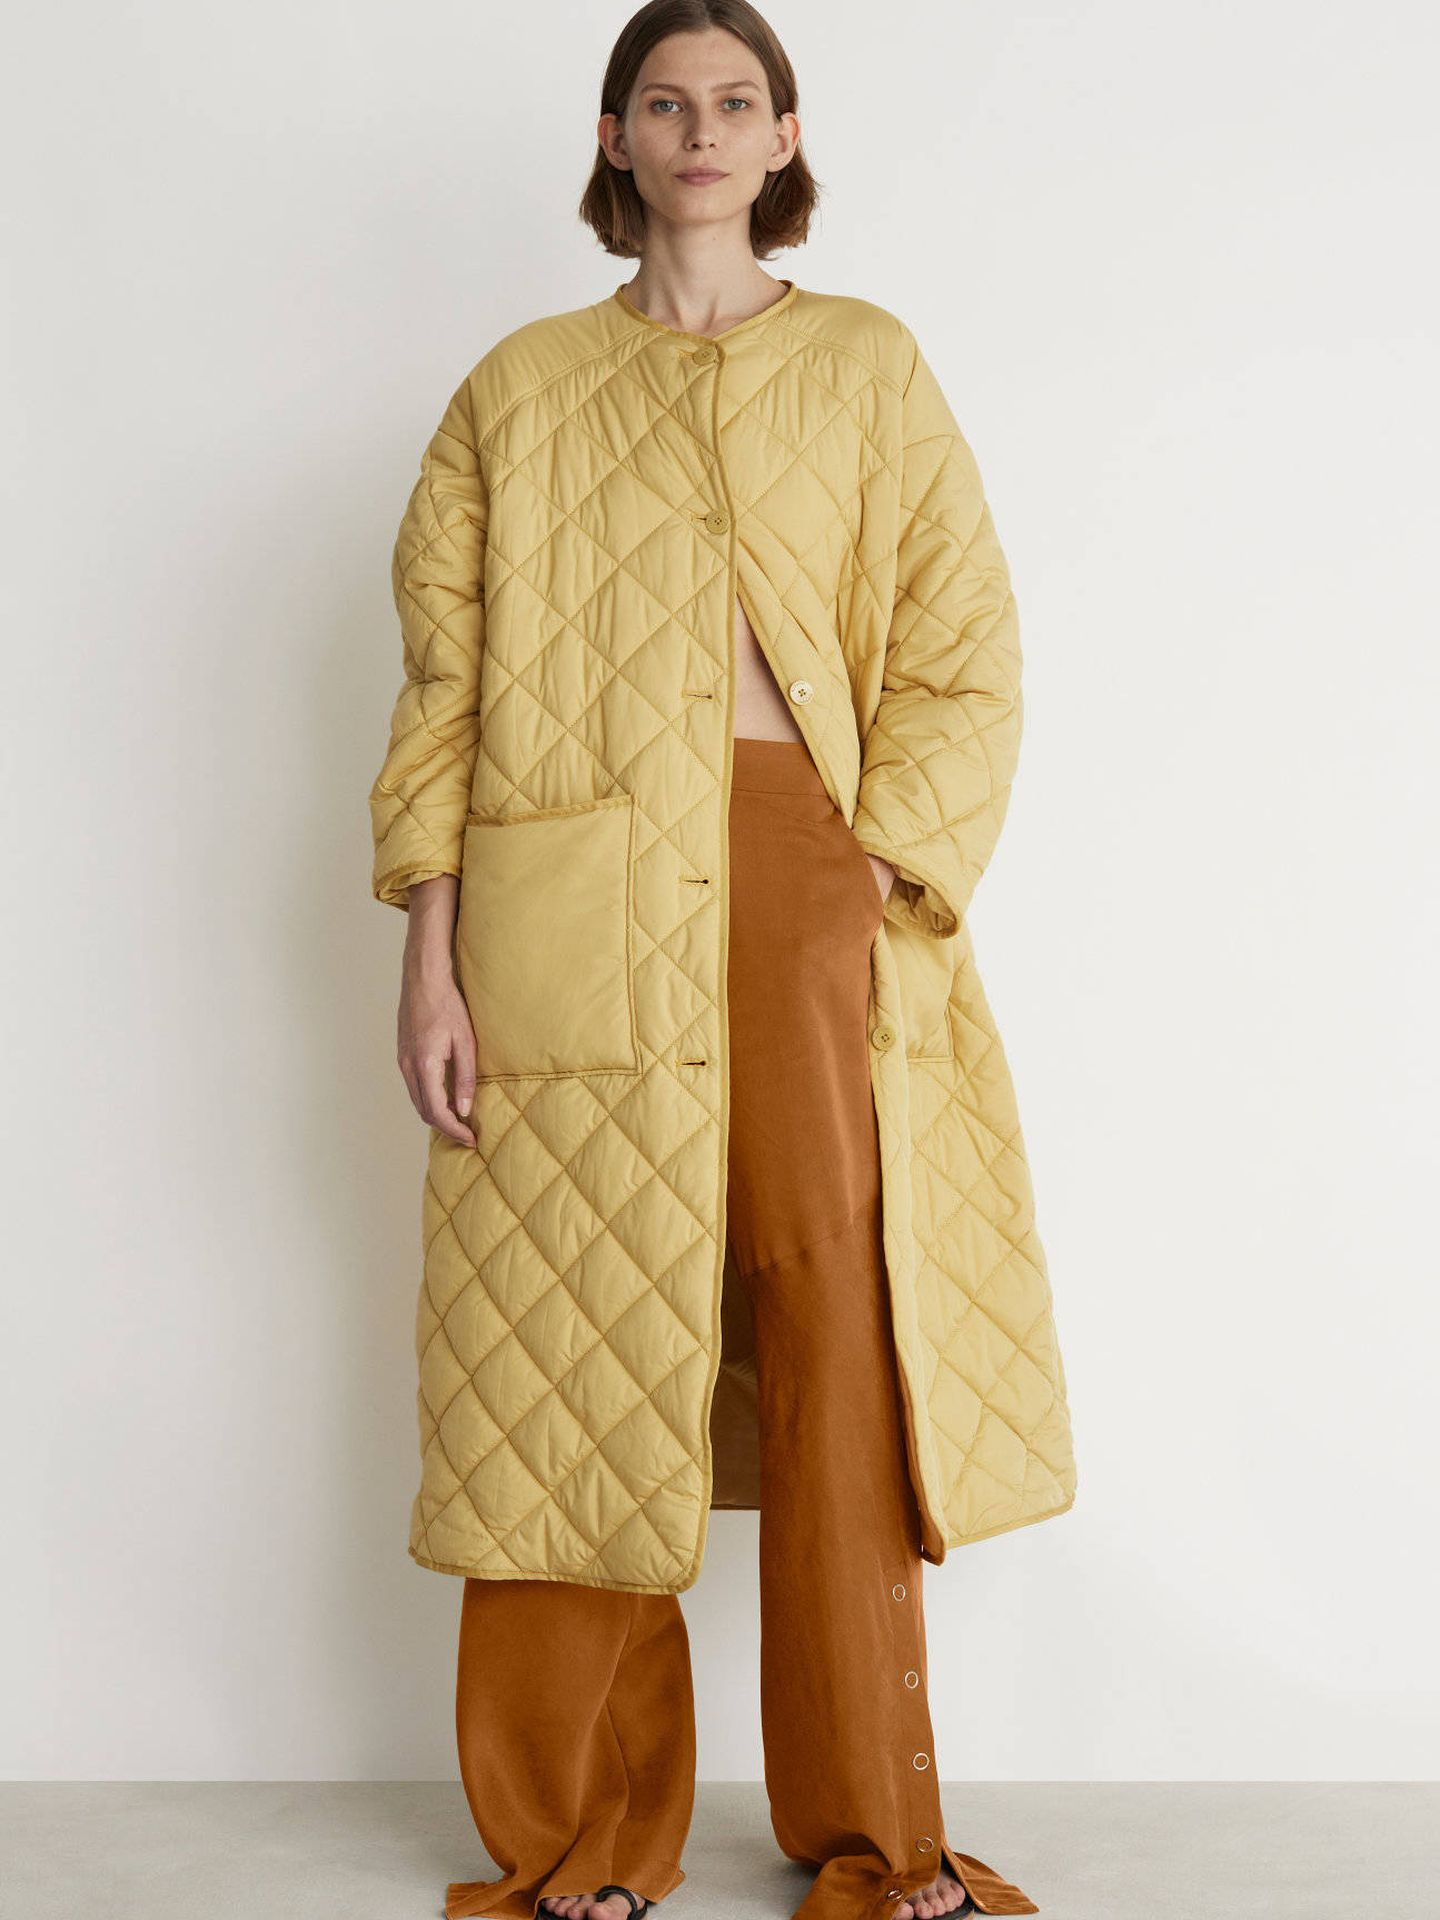 El abrigo en el catálogo de Rodebjer. (Cortesía)